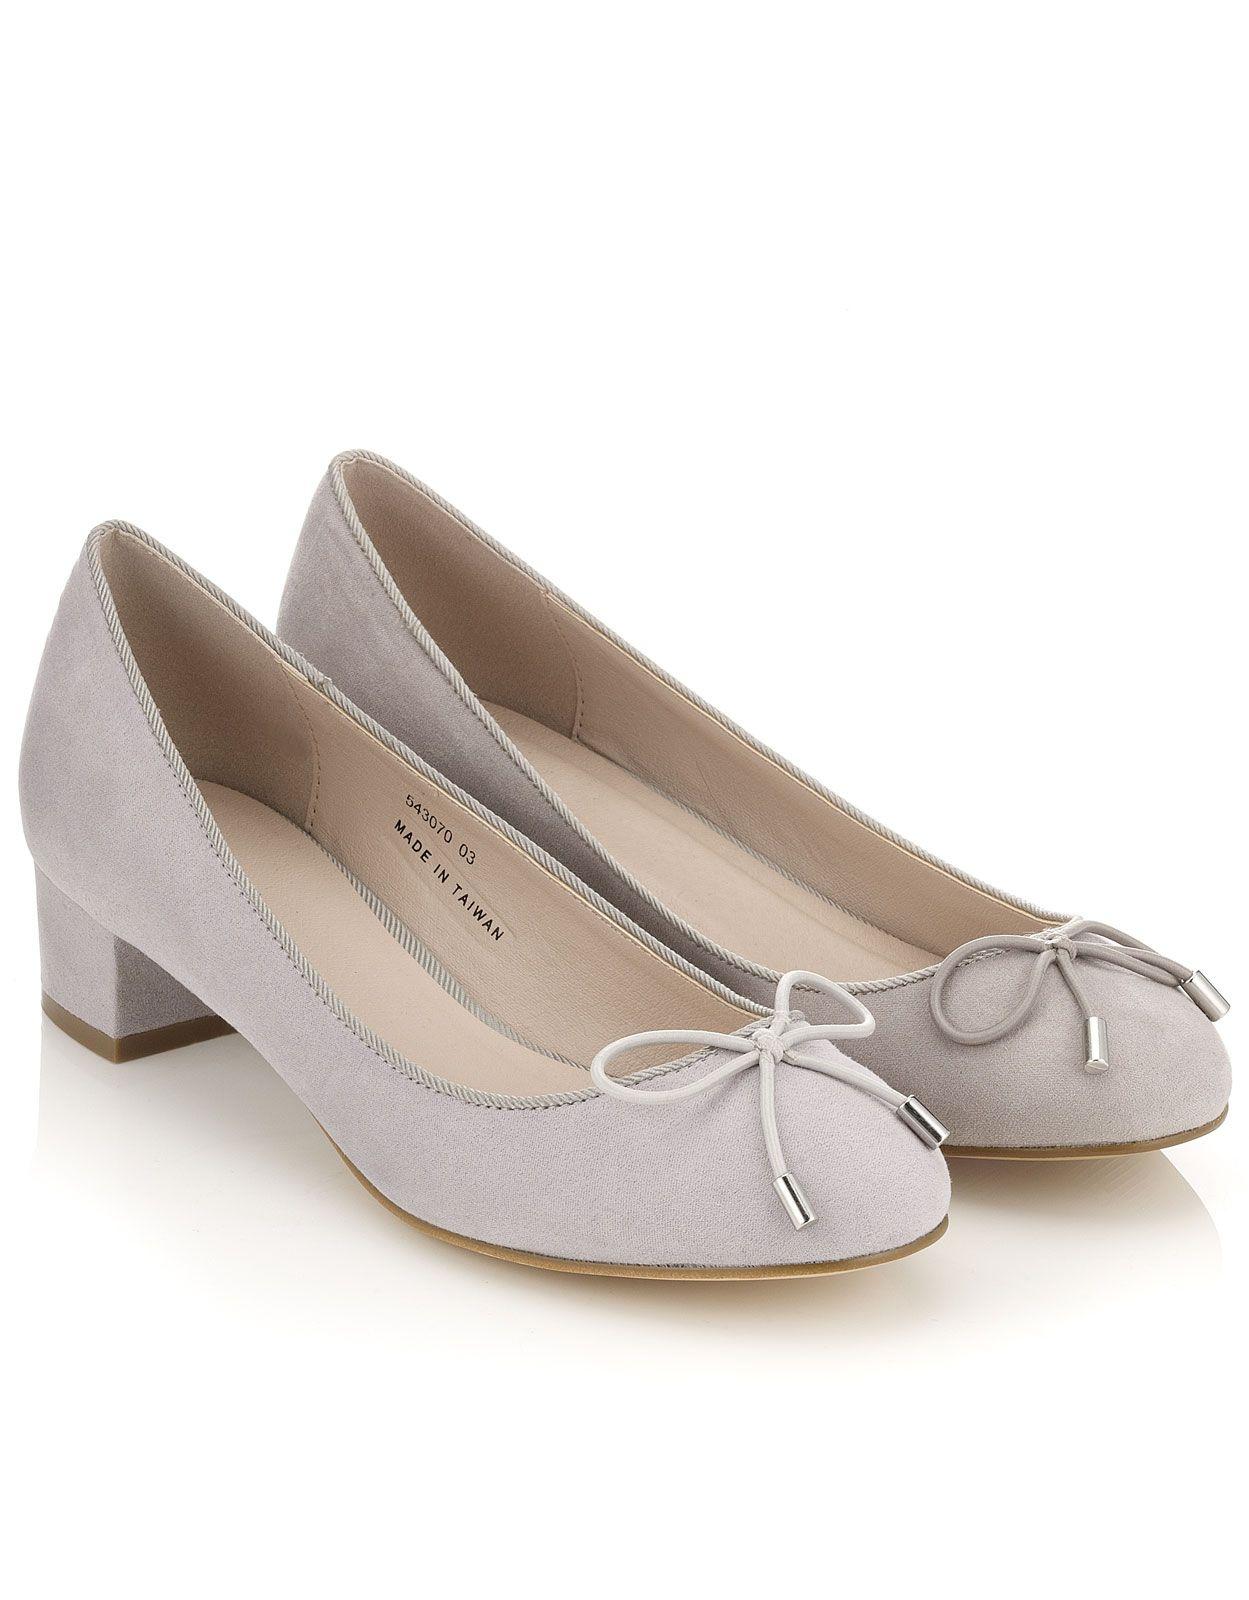 Ballerina heels, Heels, Block heel shoes